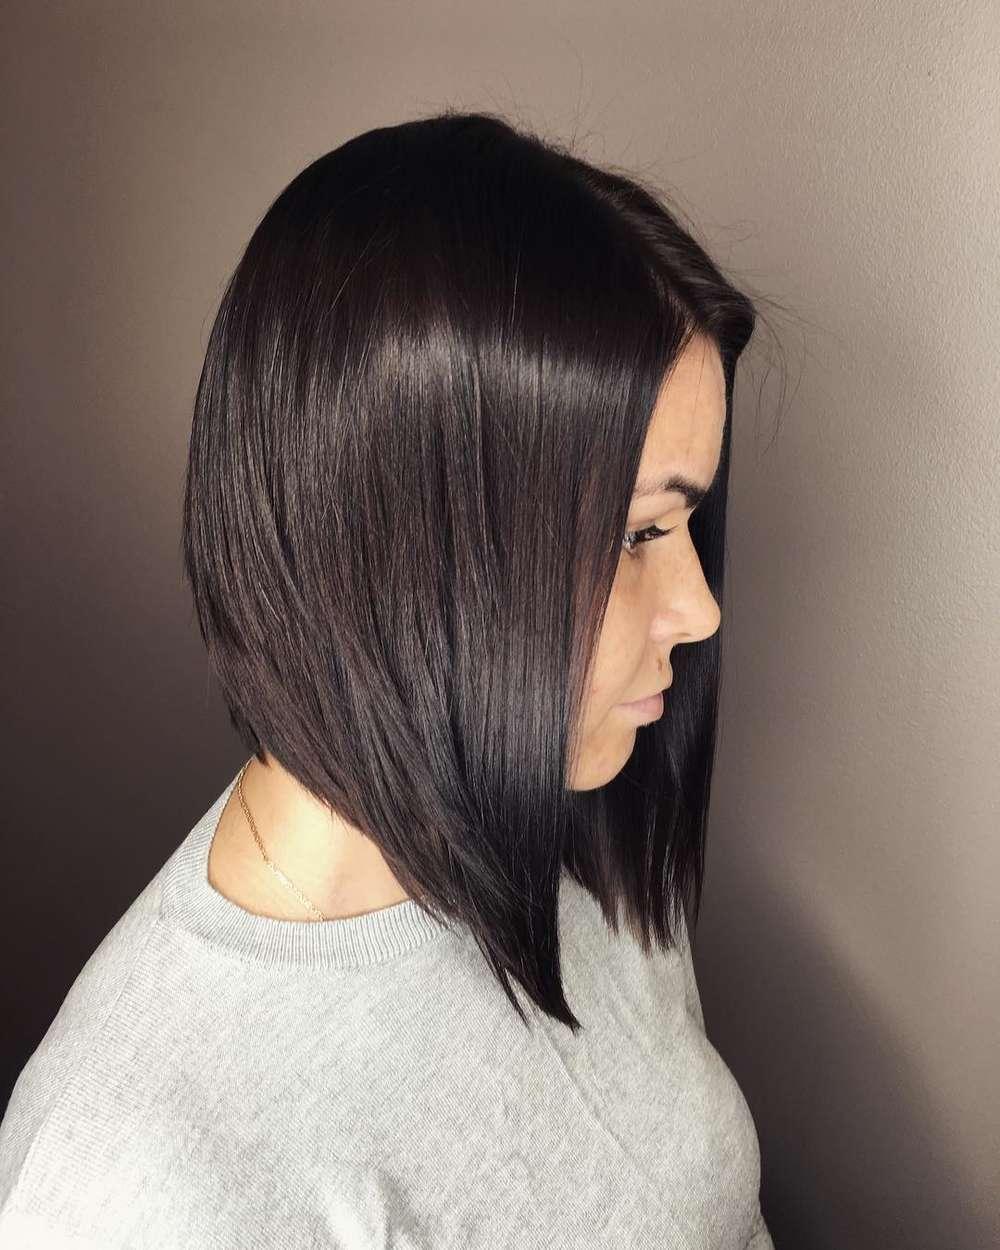 Стрижка каре на ножке для коротких, средних, удлиненных волос (с фото) | женский журнал читать онлайн: стильные стрижки, новинки в мире моды, советы по уходу